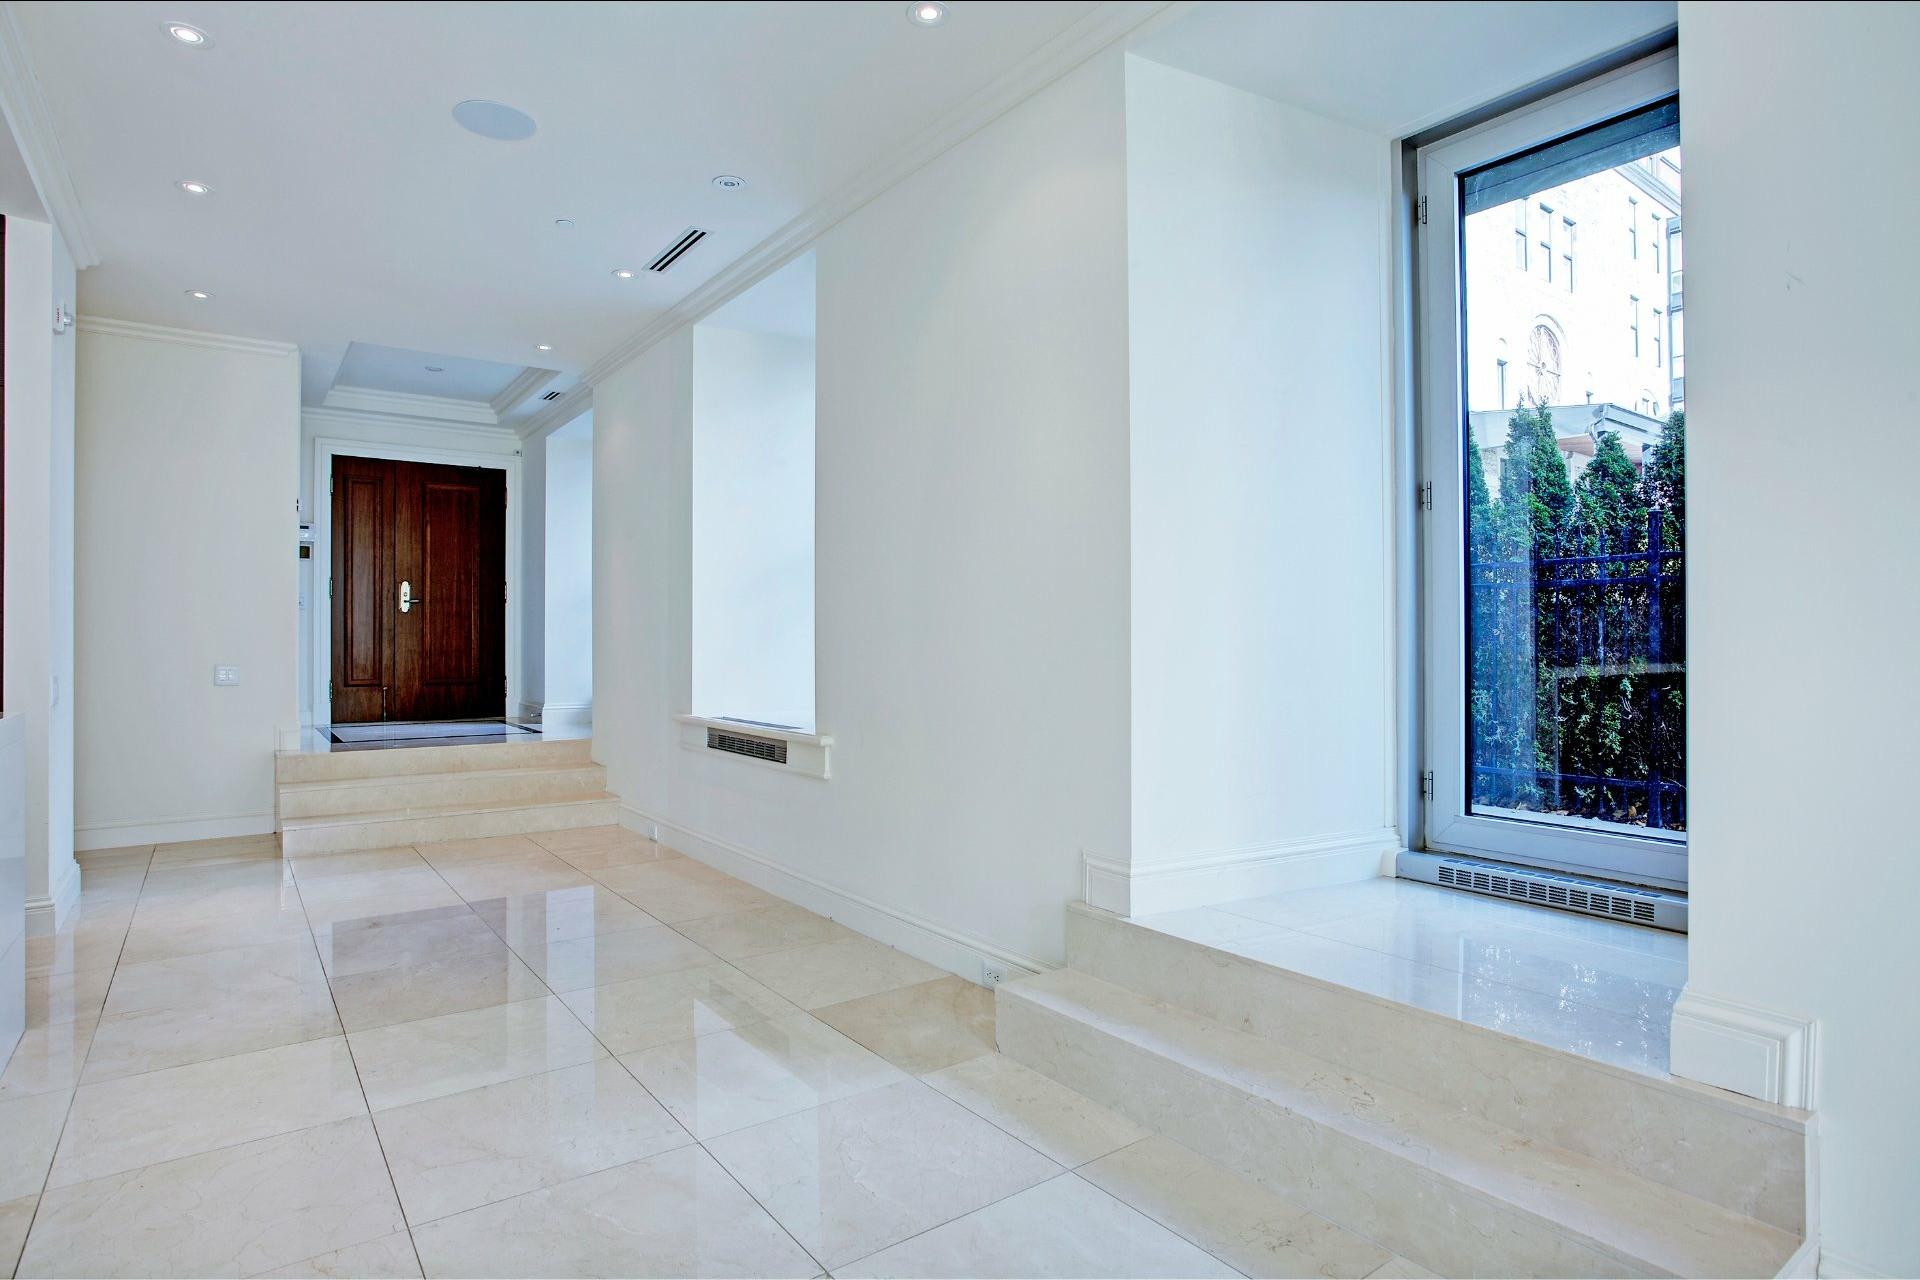 image 5 - Apartment For sale Montréal Ville-Marie  - 4 rooms